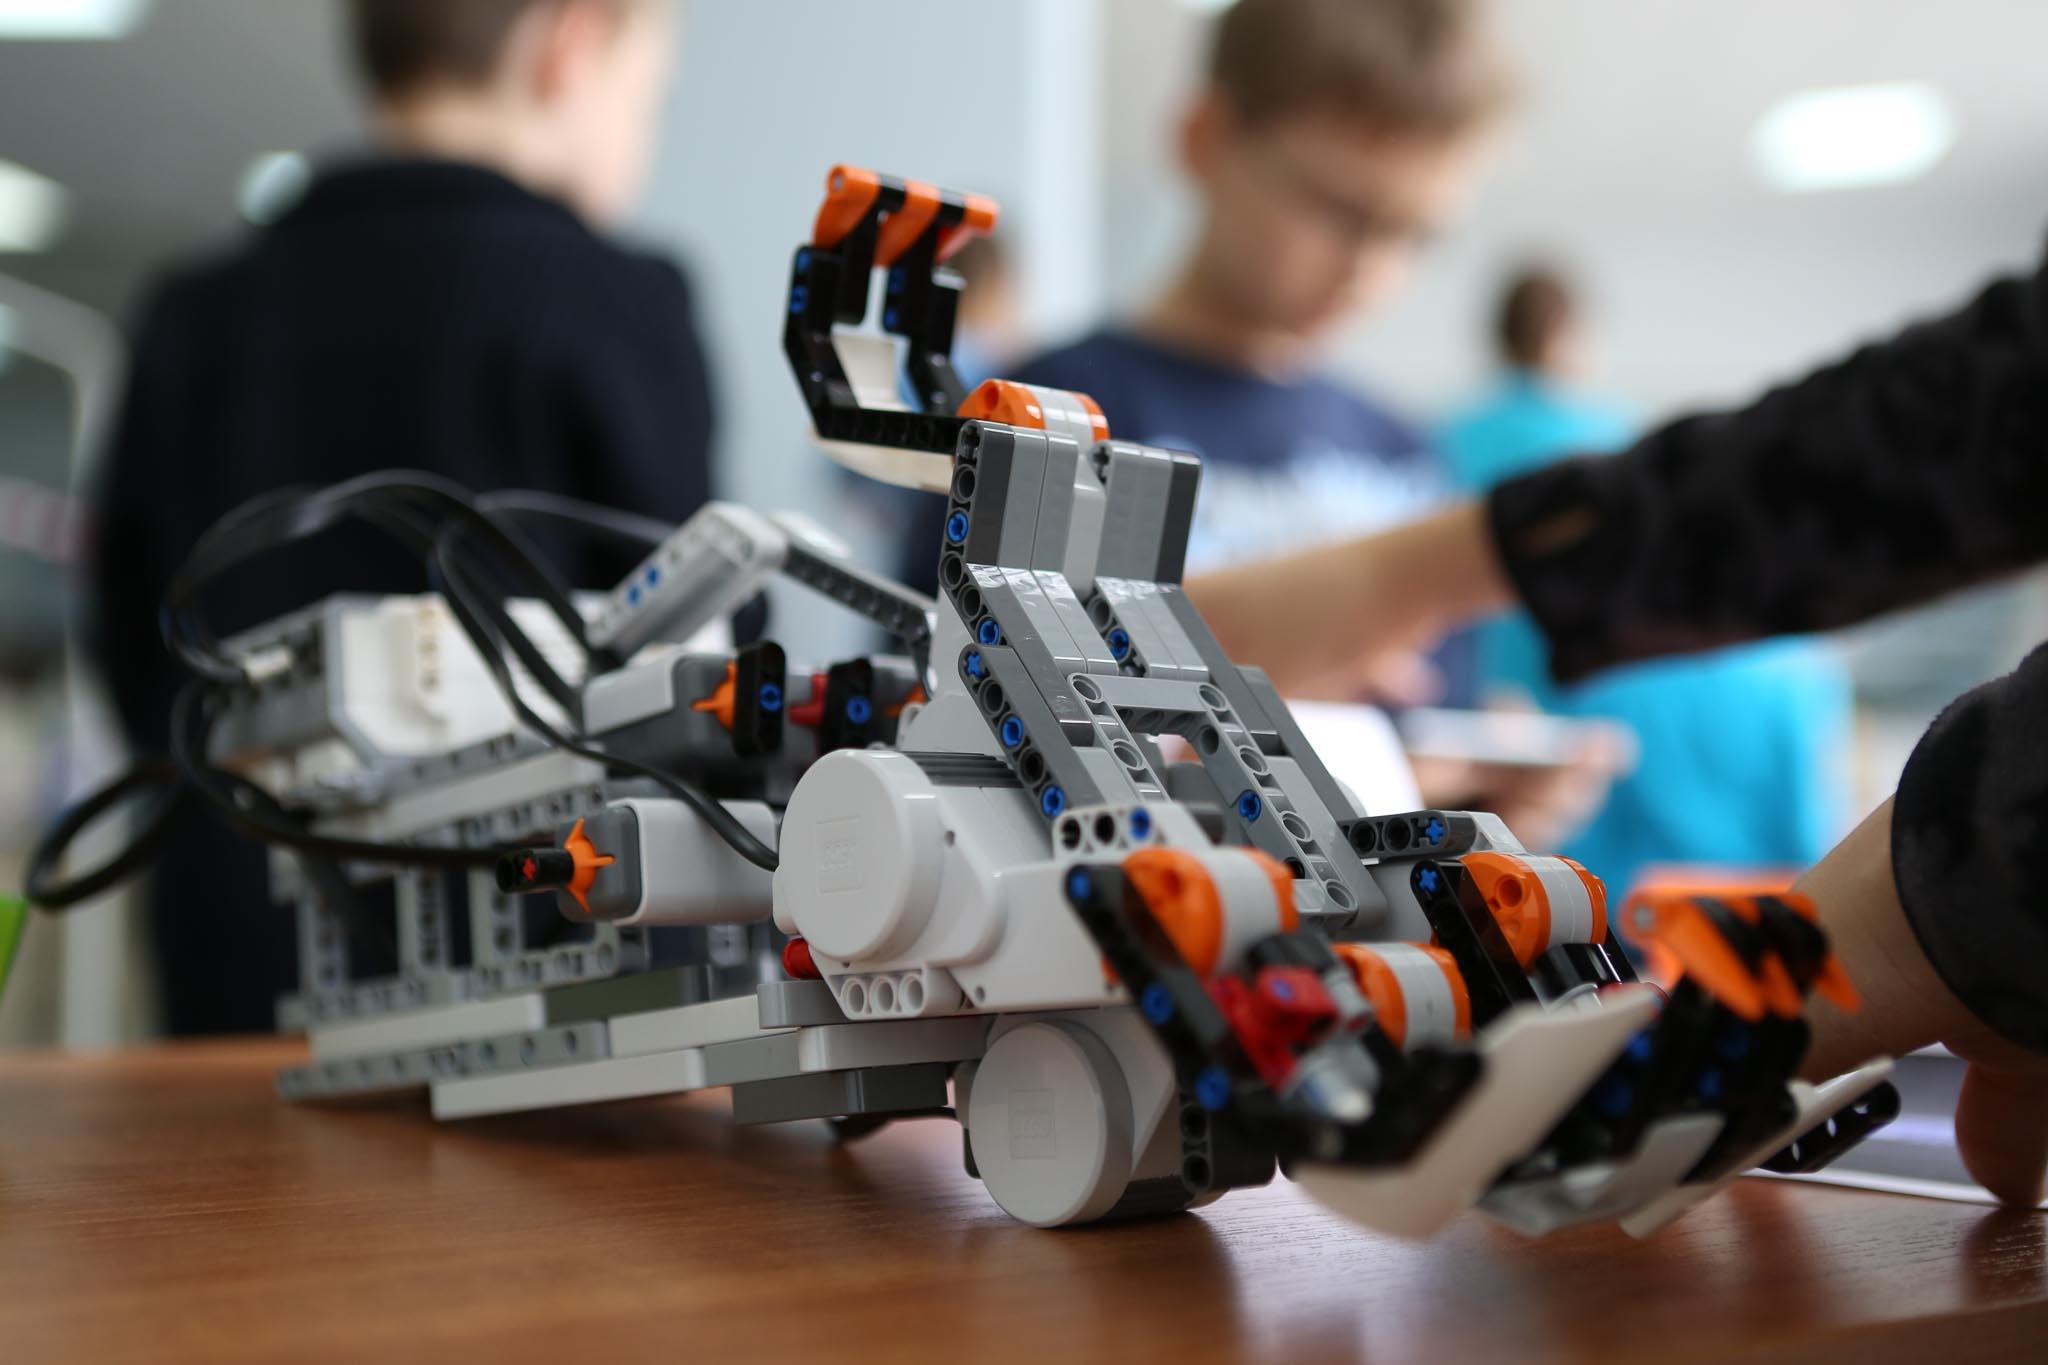 картинки лего конструирование и робототехника консерваторию, учебу ней